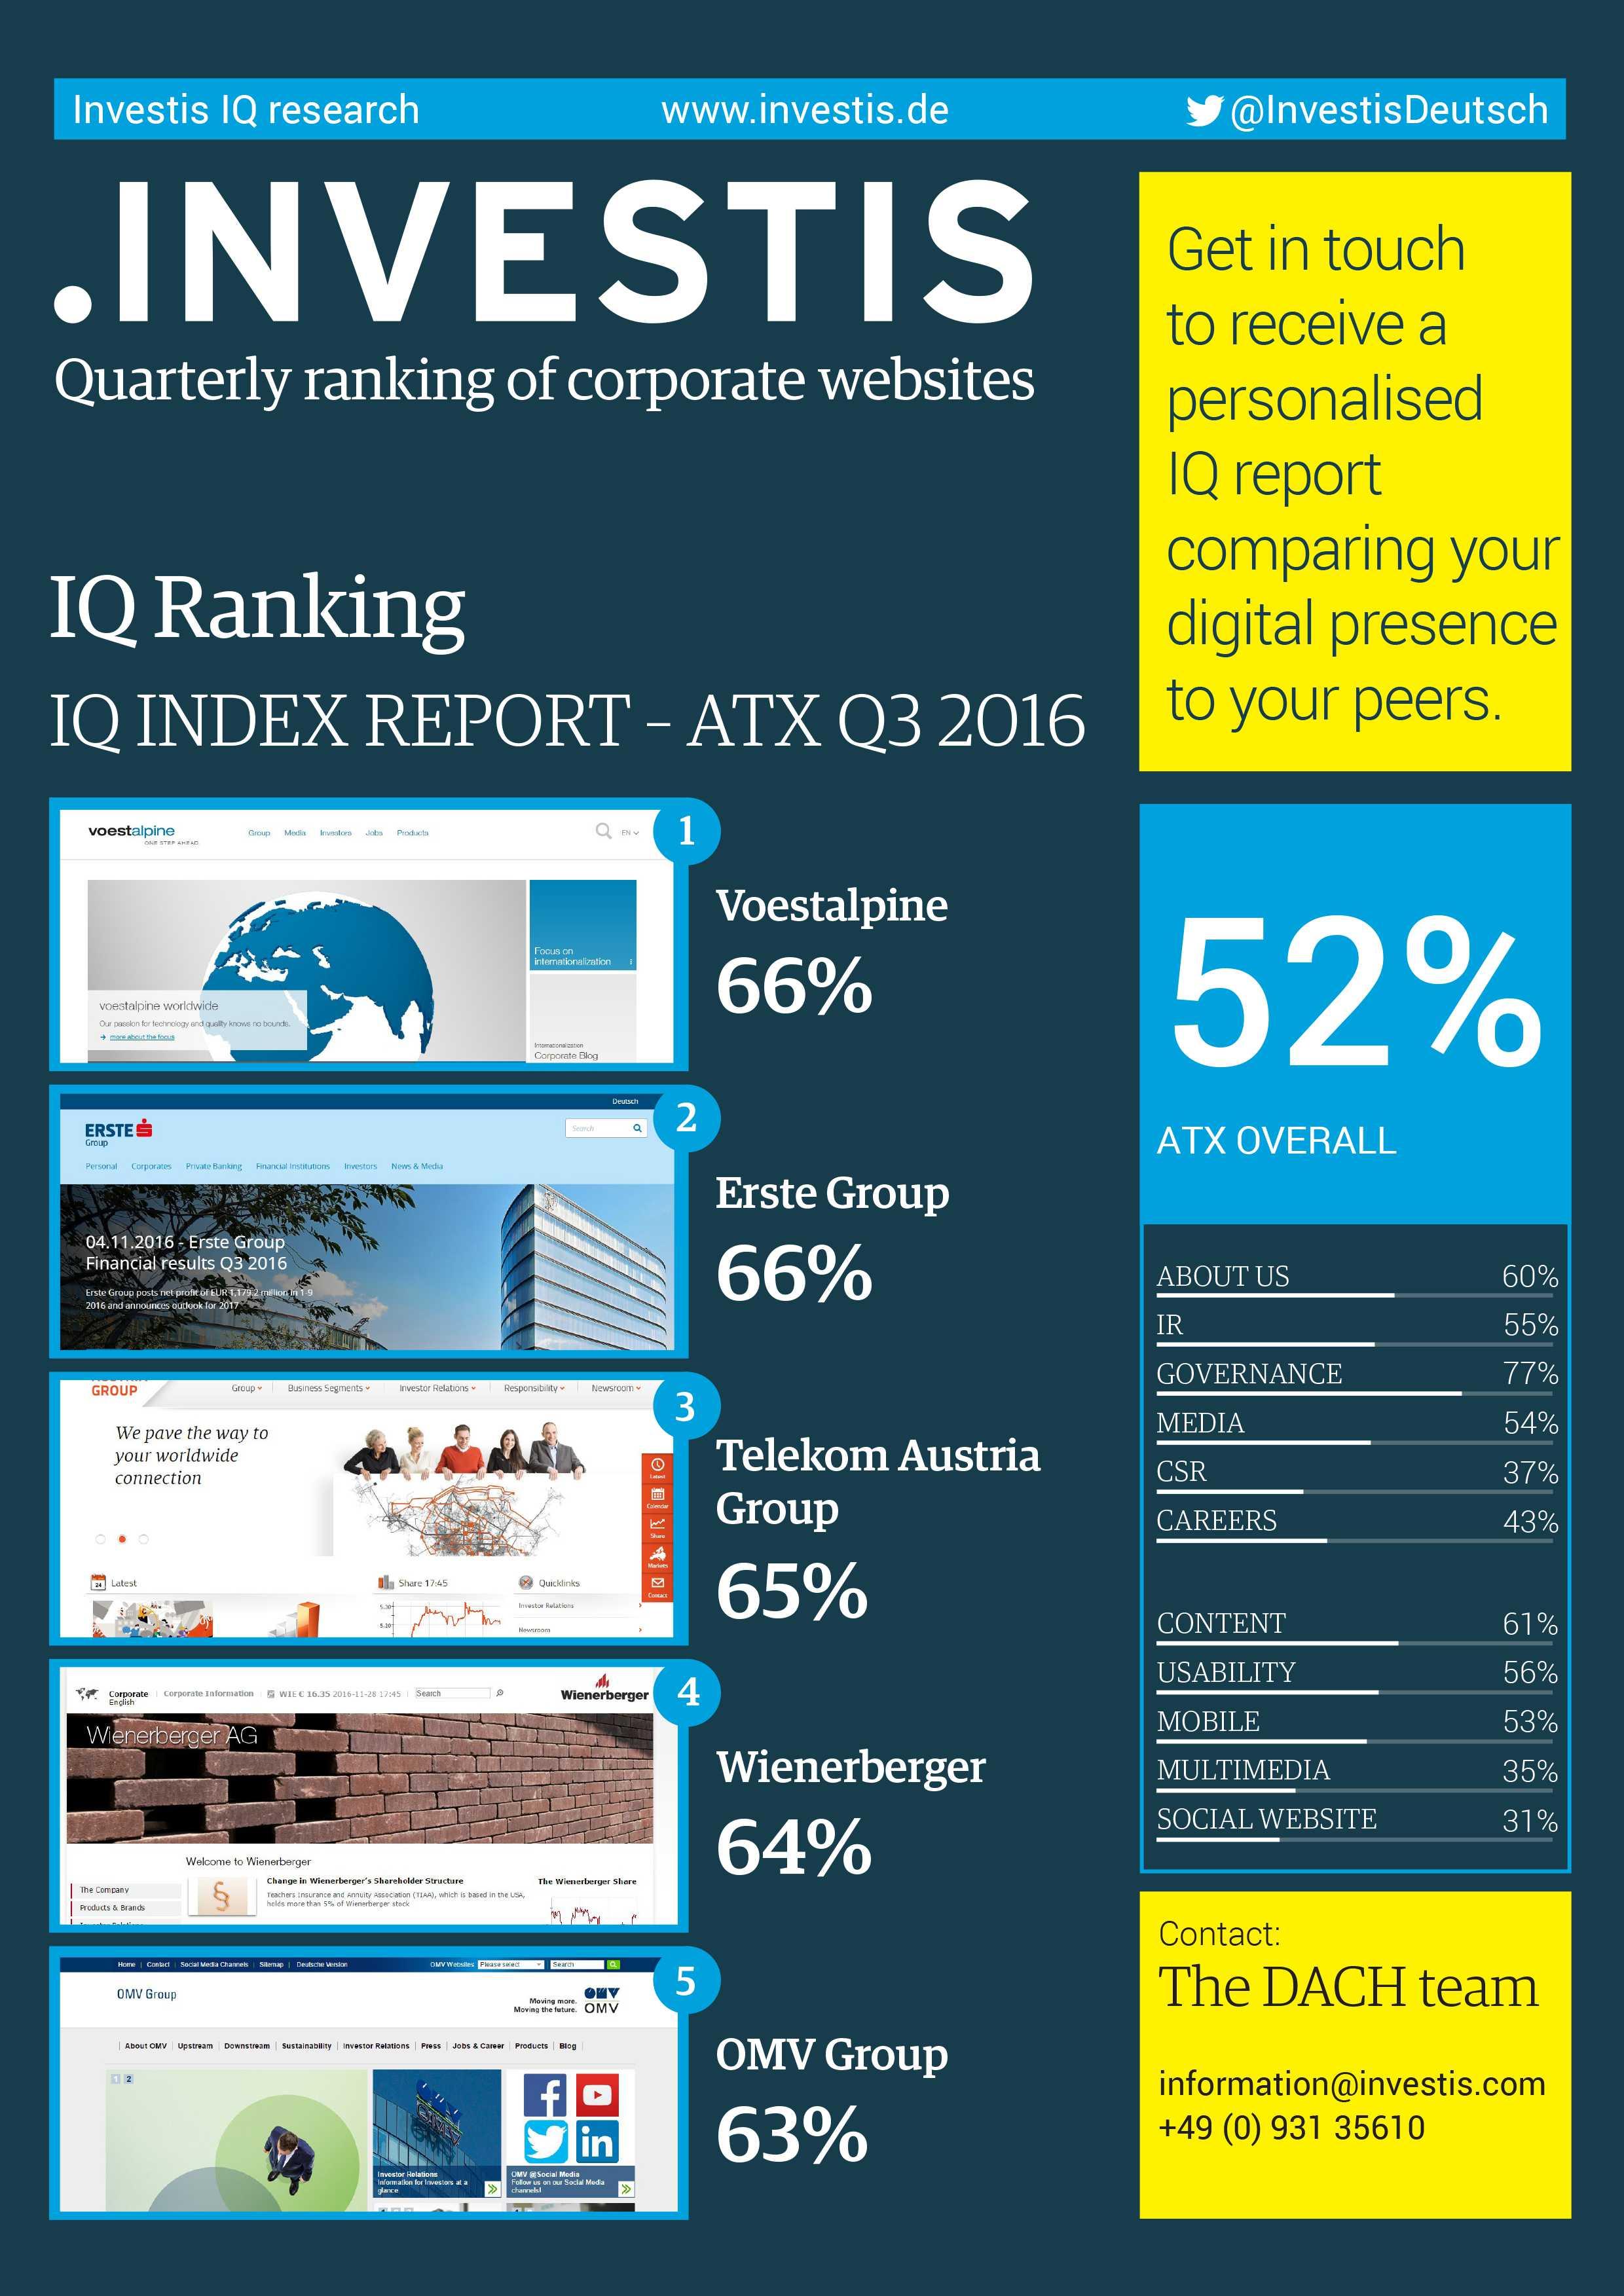 ATX Q3 2015 index report